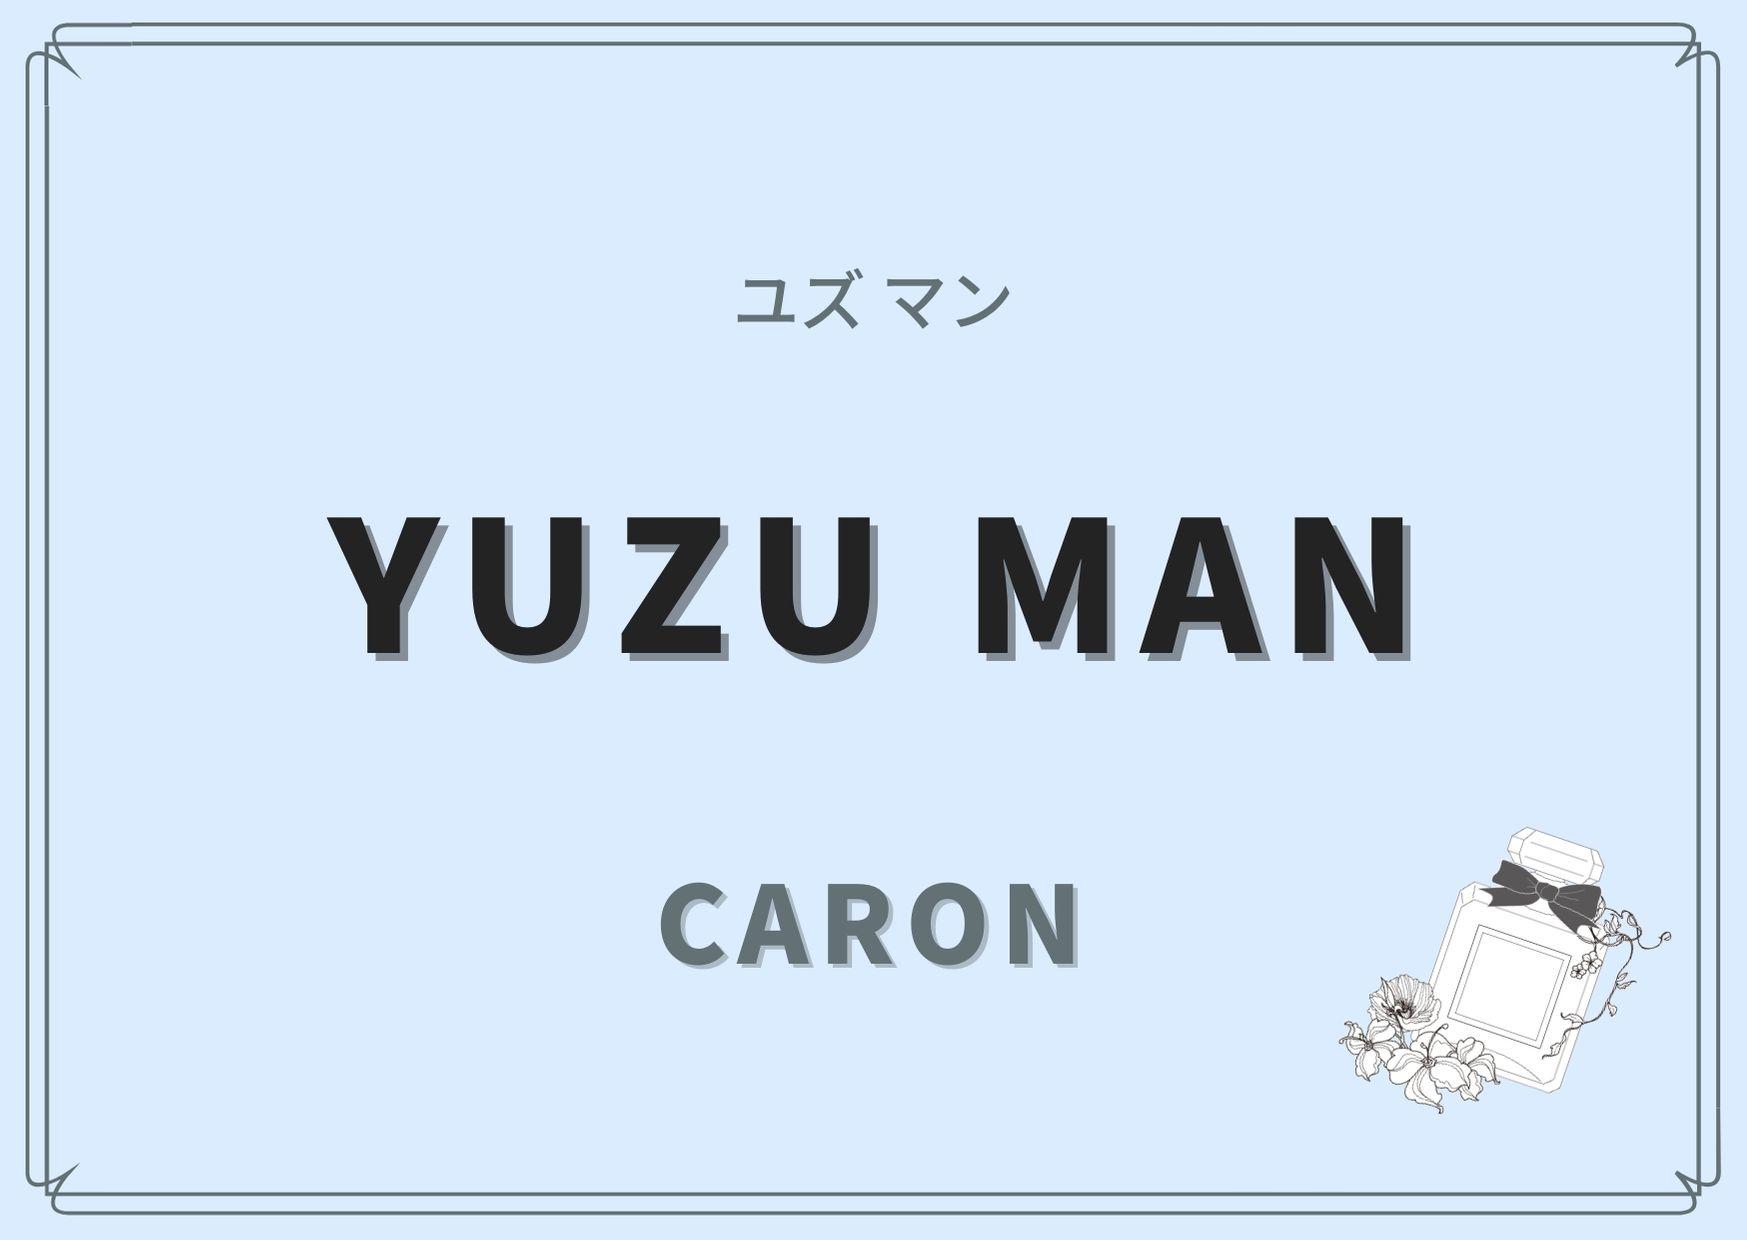 YUZU MAN(ユズ マン)/CARON(キャロン)